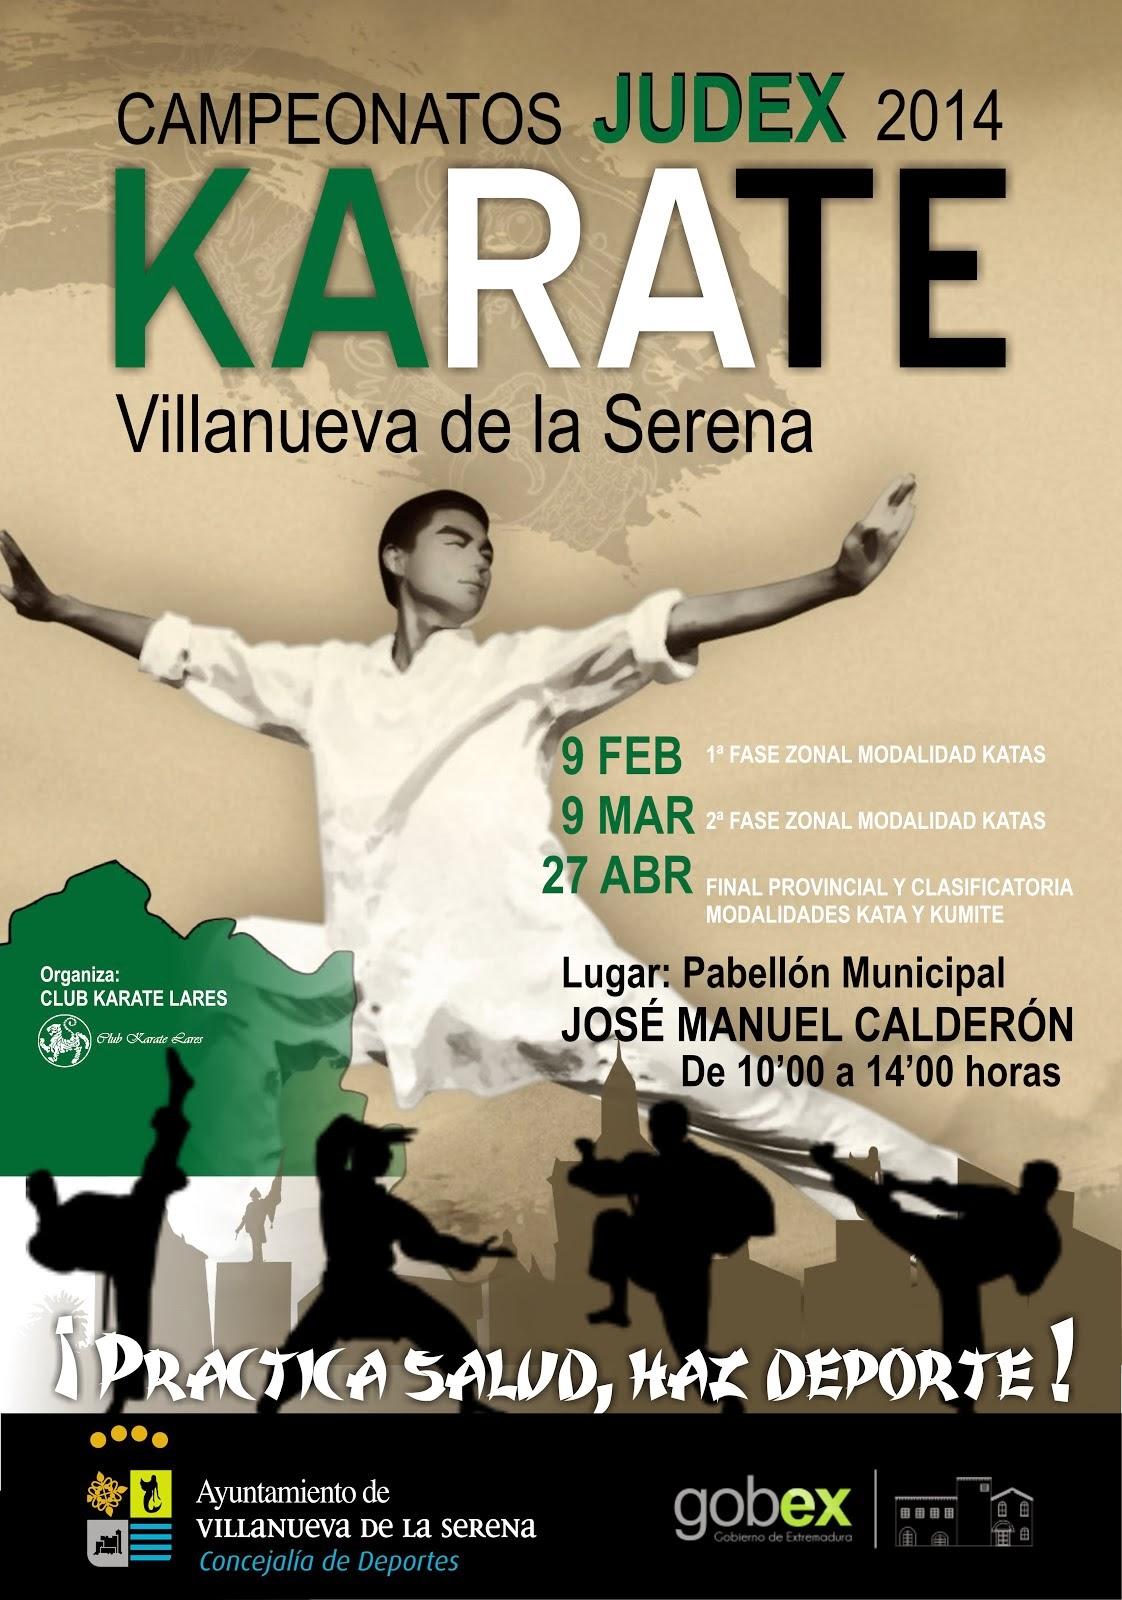 Judex Campeonato de KARATE 2014